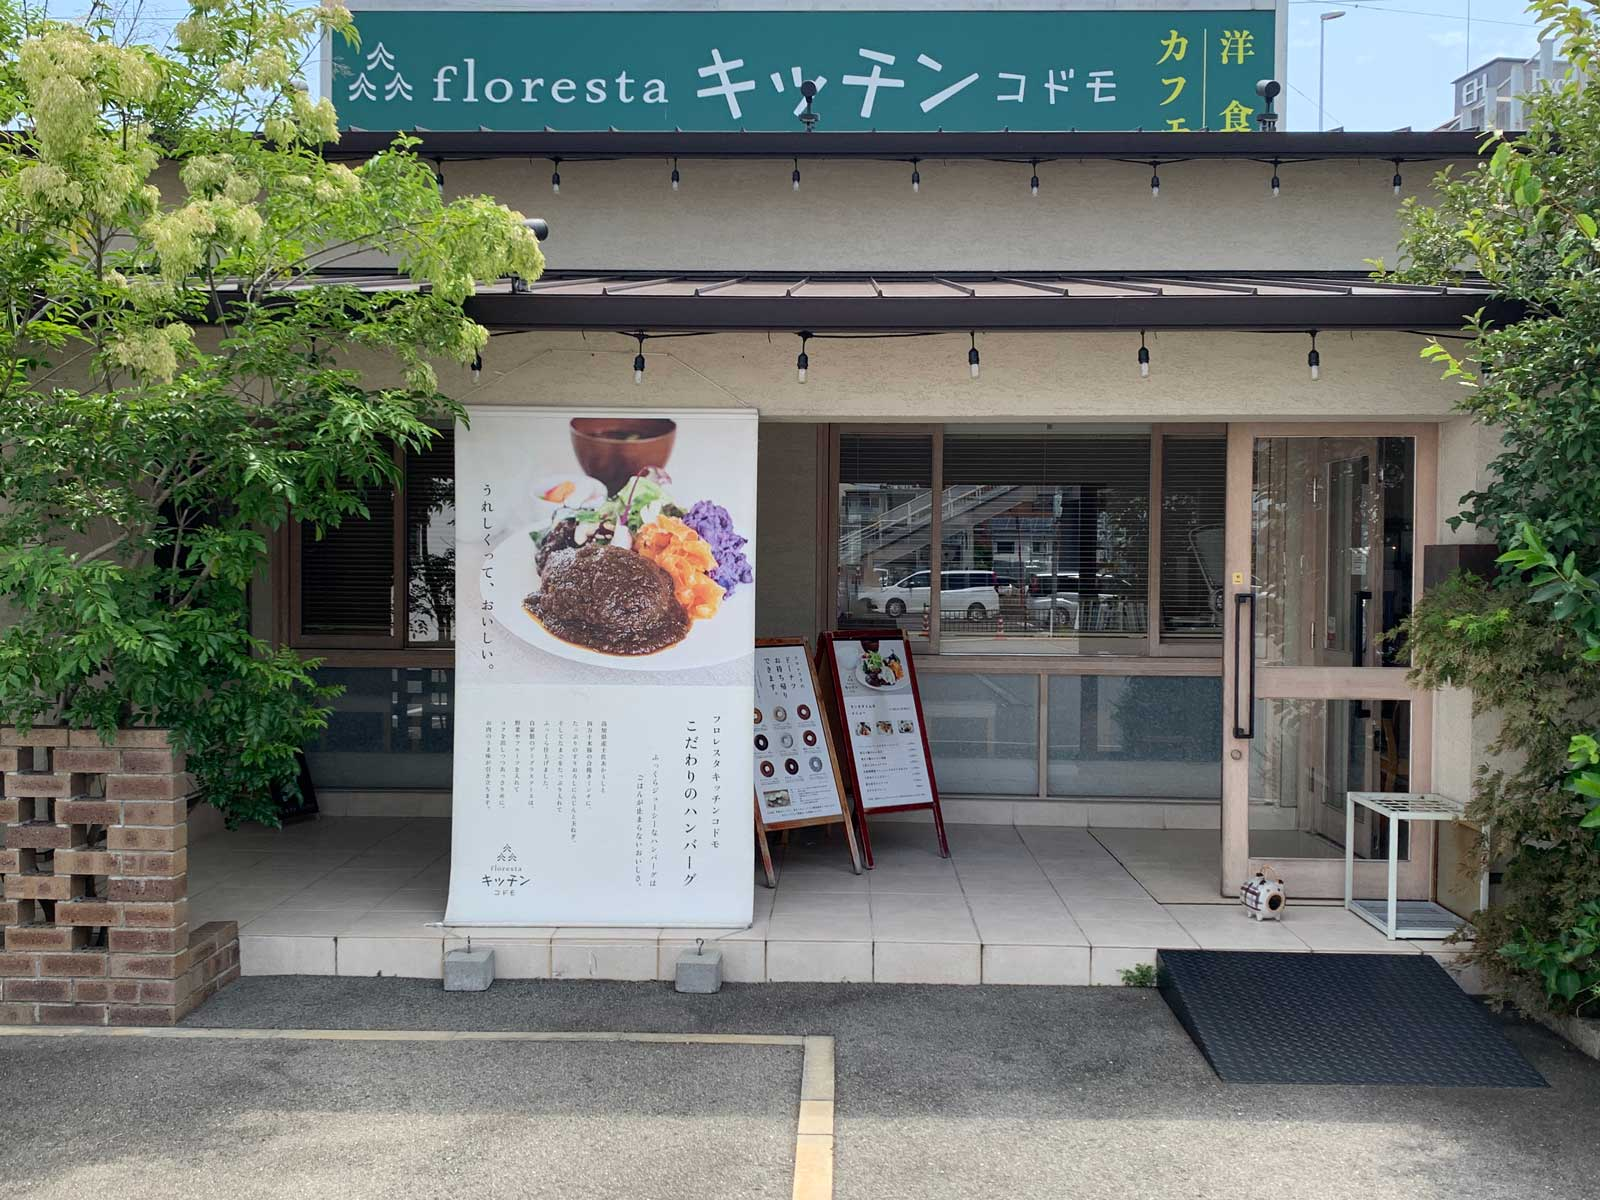 フロレスタキッチンコドモ ドーナツのフロレスタ ネイチャードーナツ